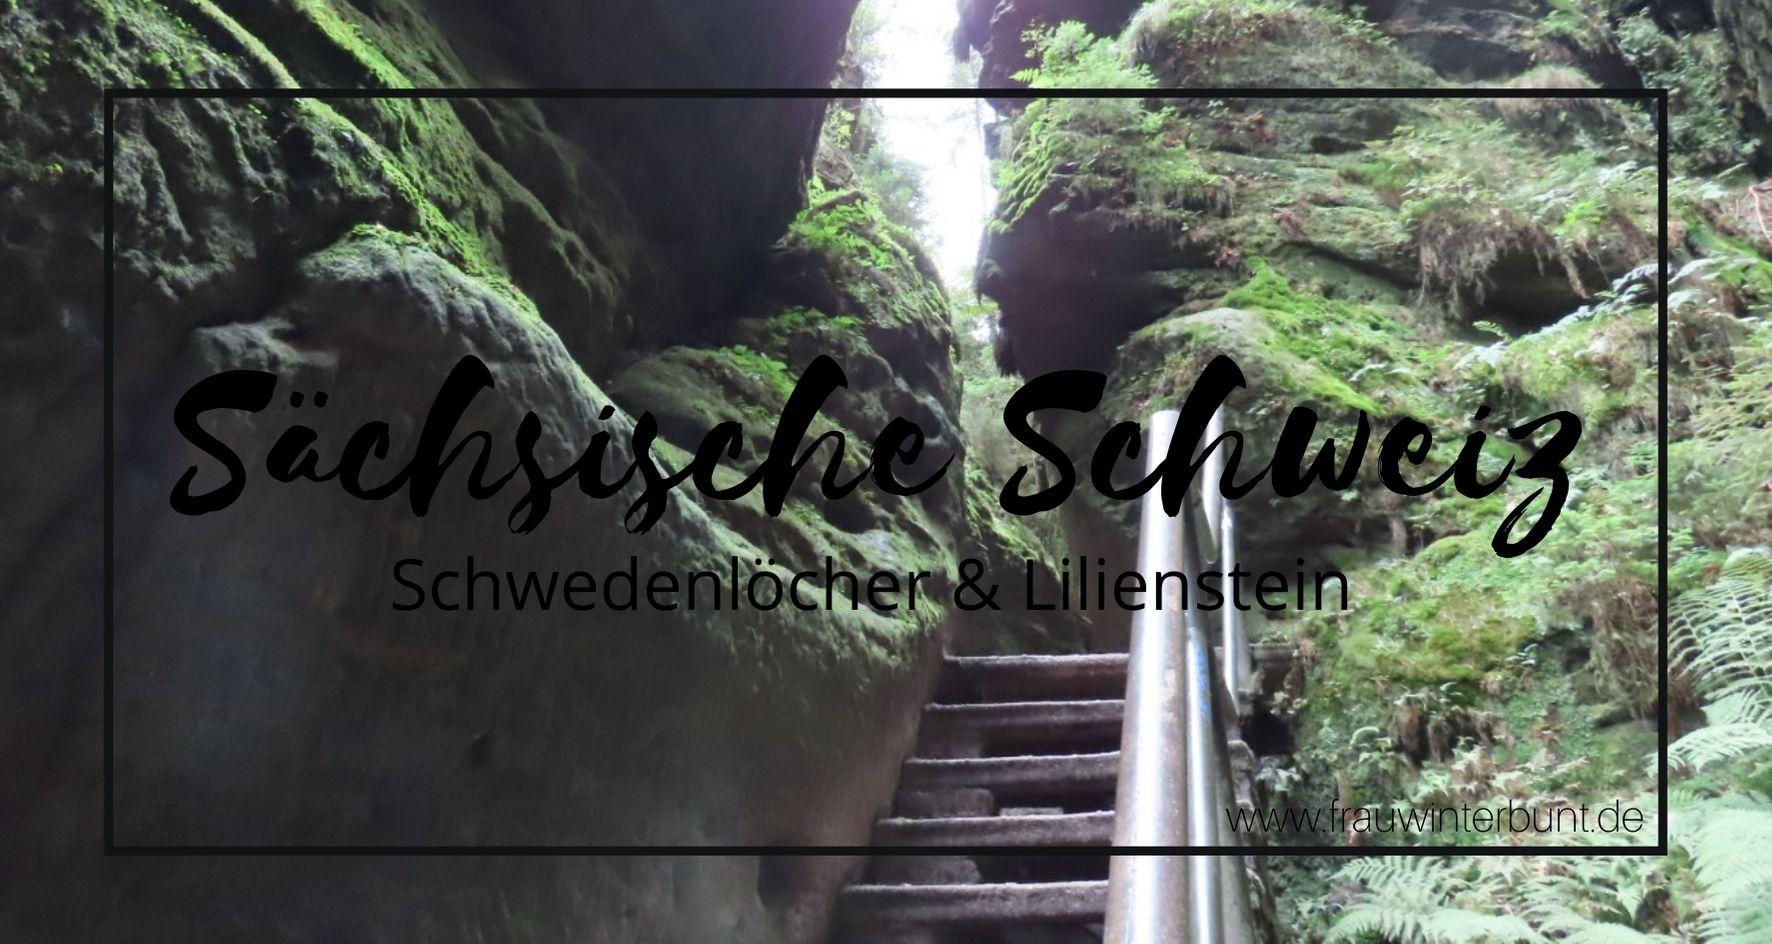 Wandertour | Sächsische Schweiz: Schwedenlöcher & Lilienstein